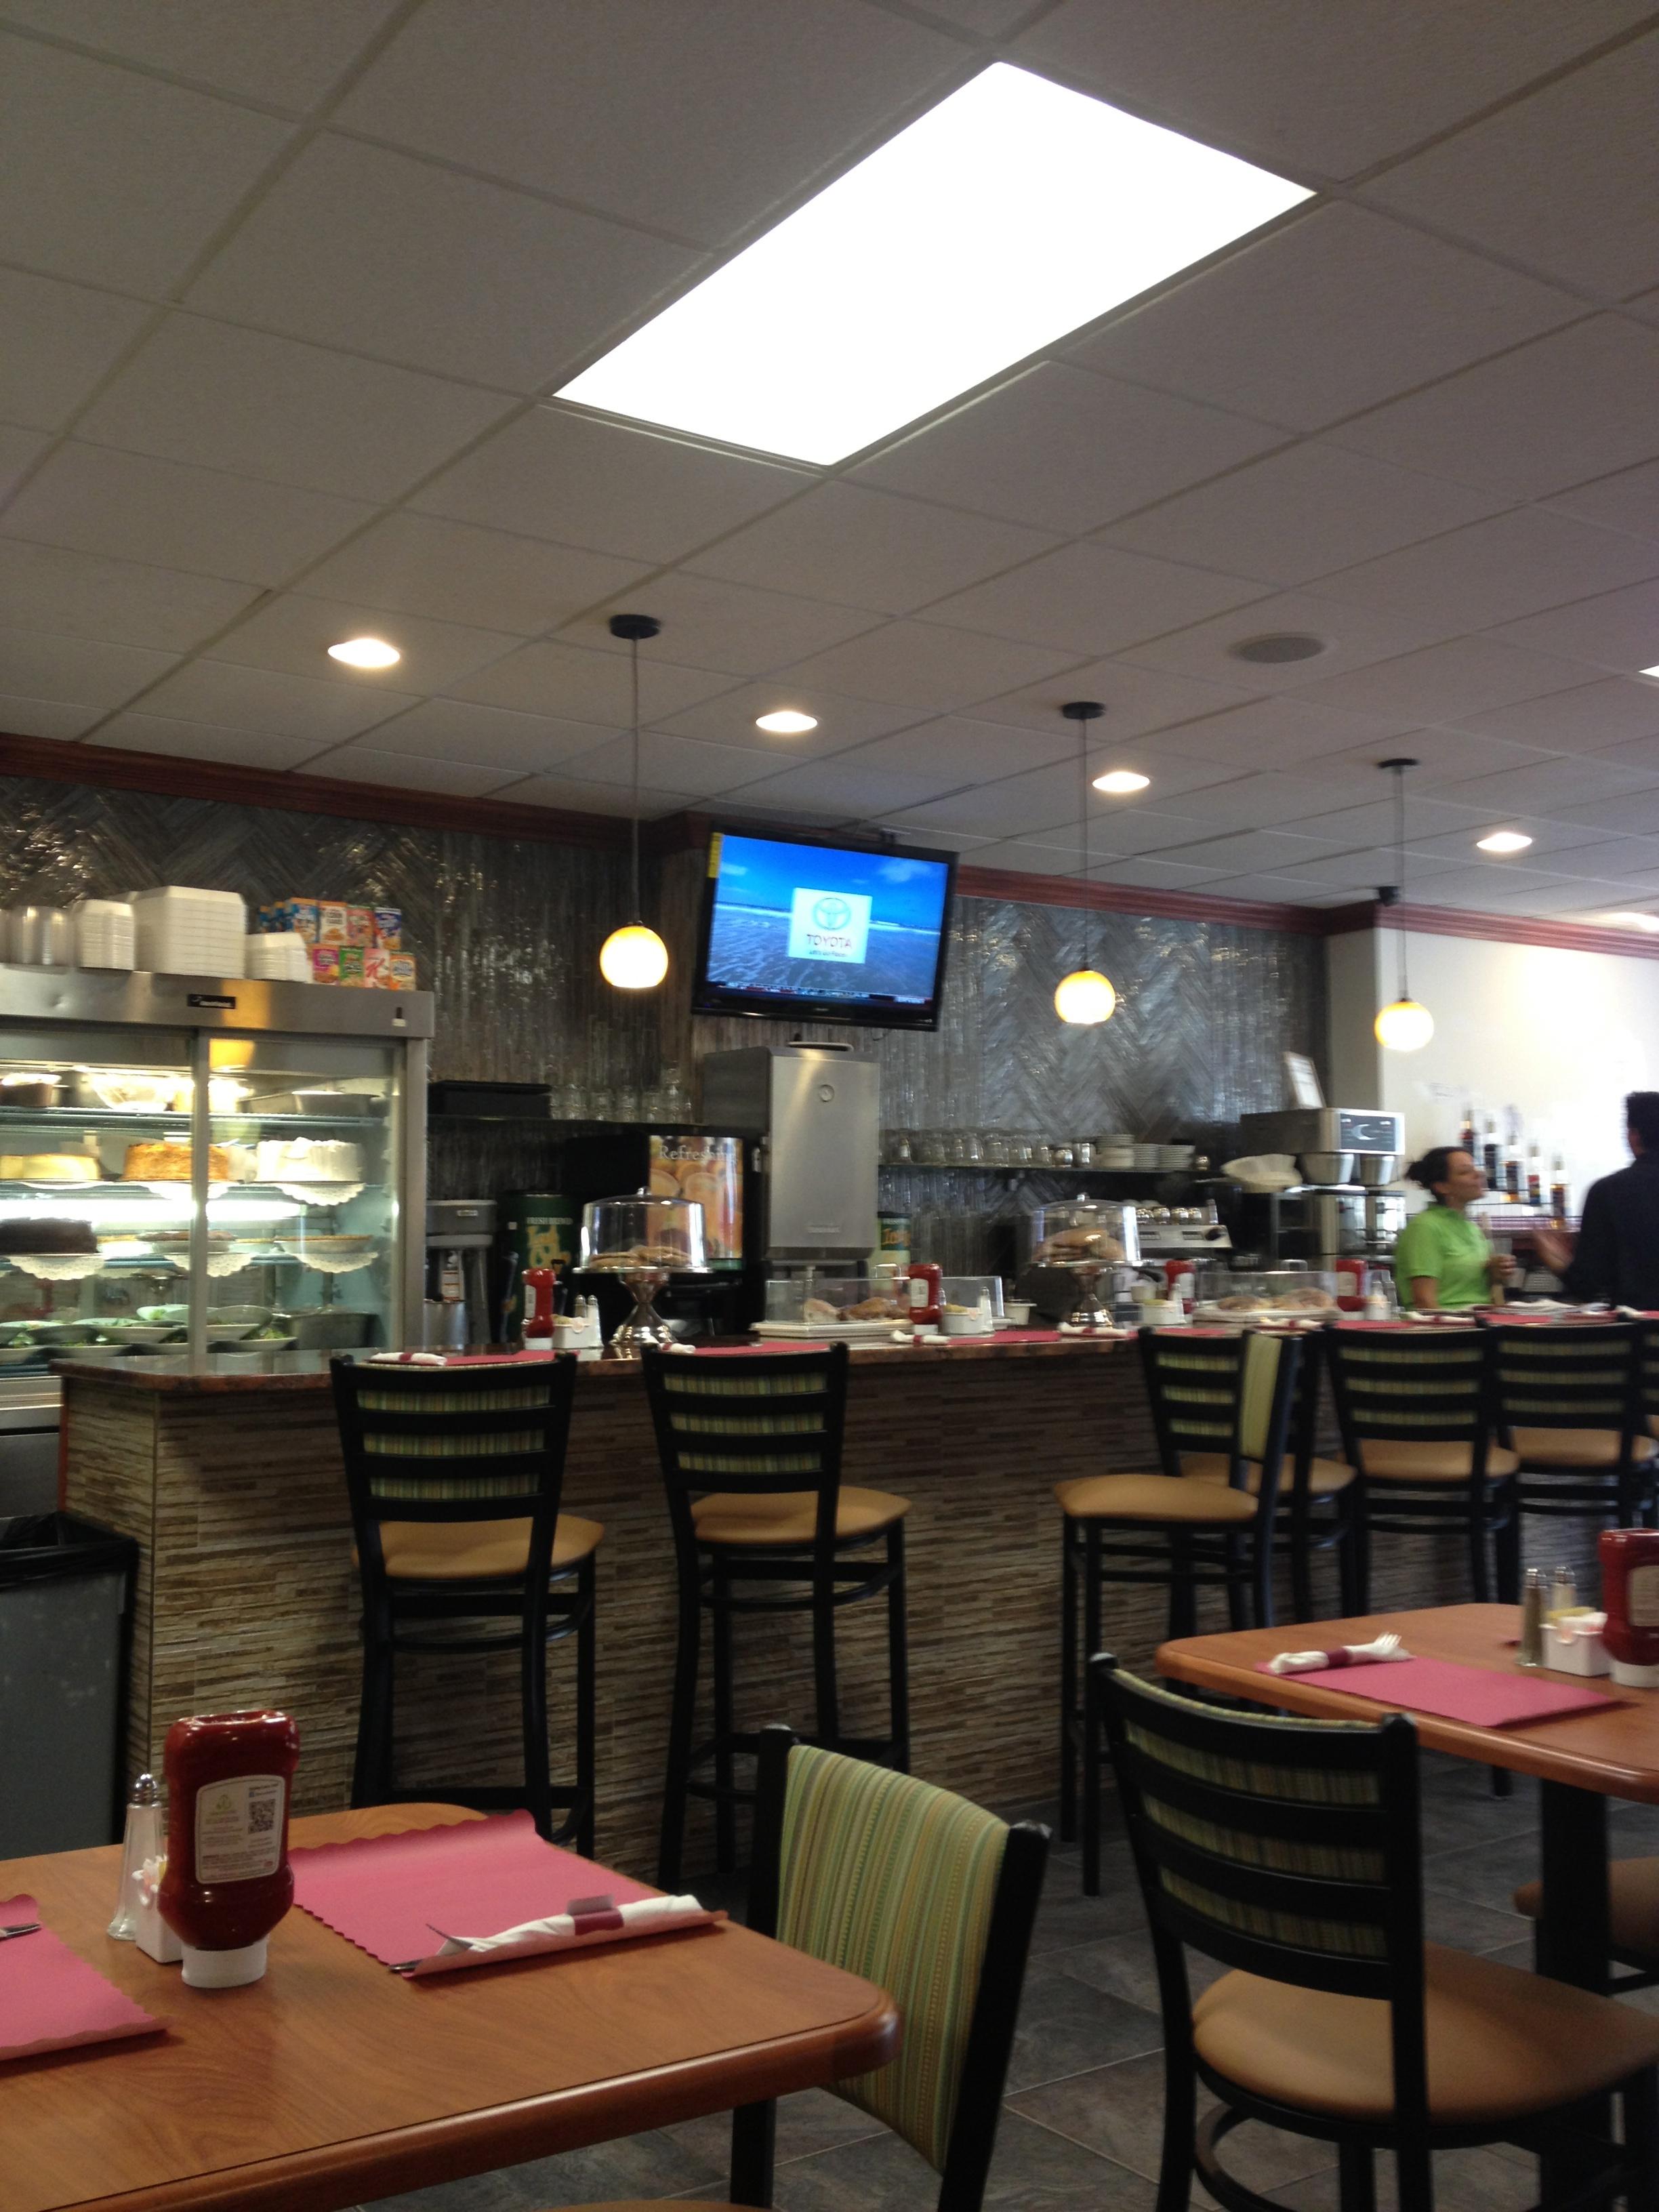 interior at Manny's Dinner